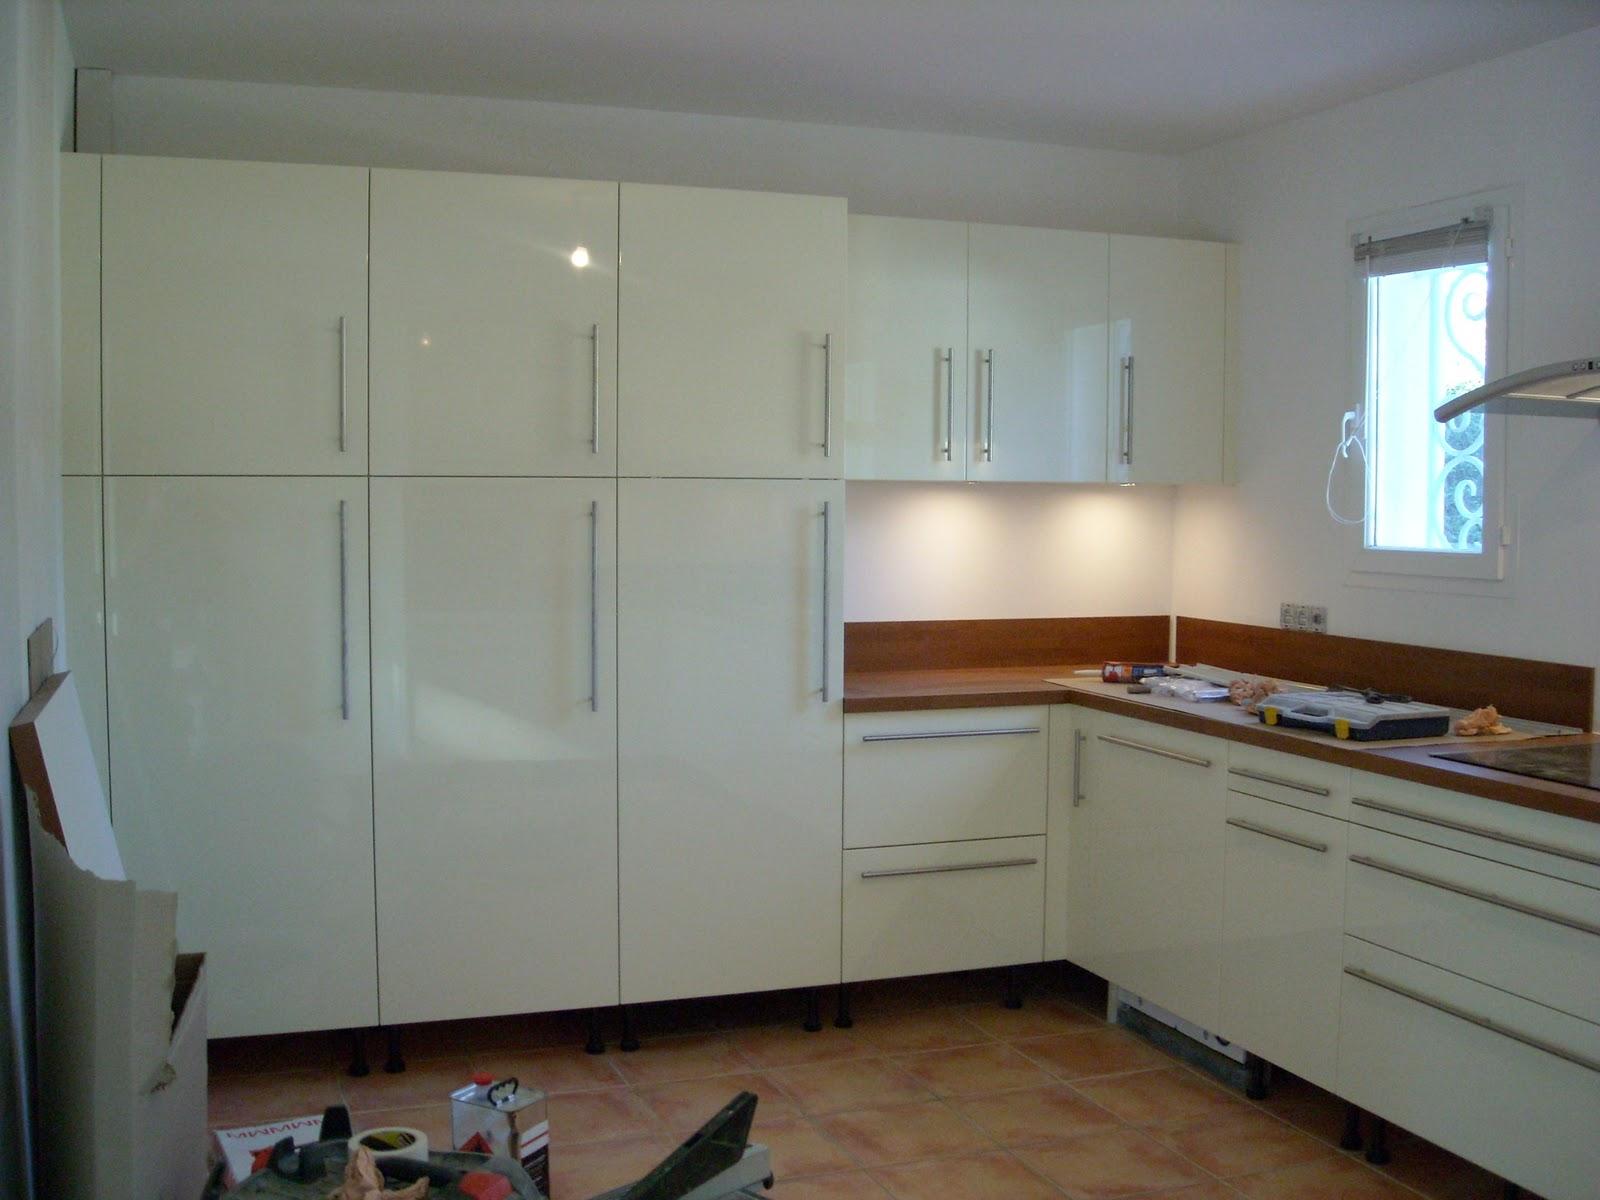 Victor cuisine bain d coration cuisine laqu e blanche et for Cuisine installation